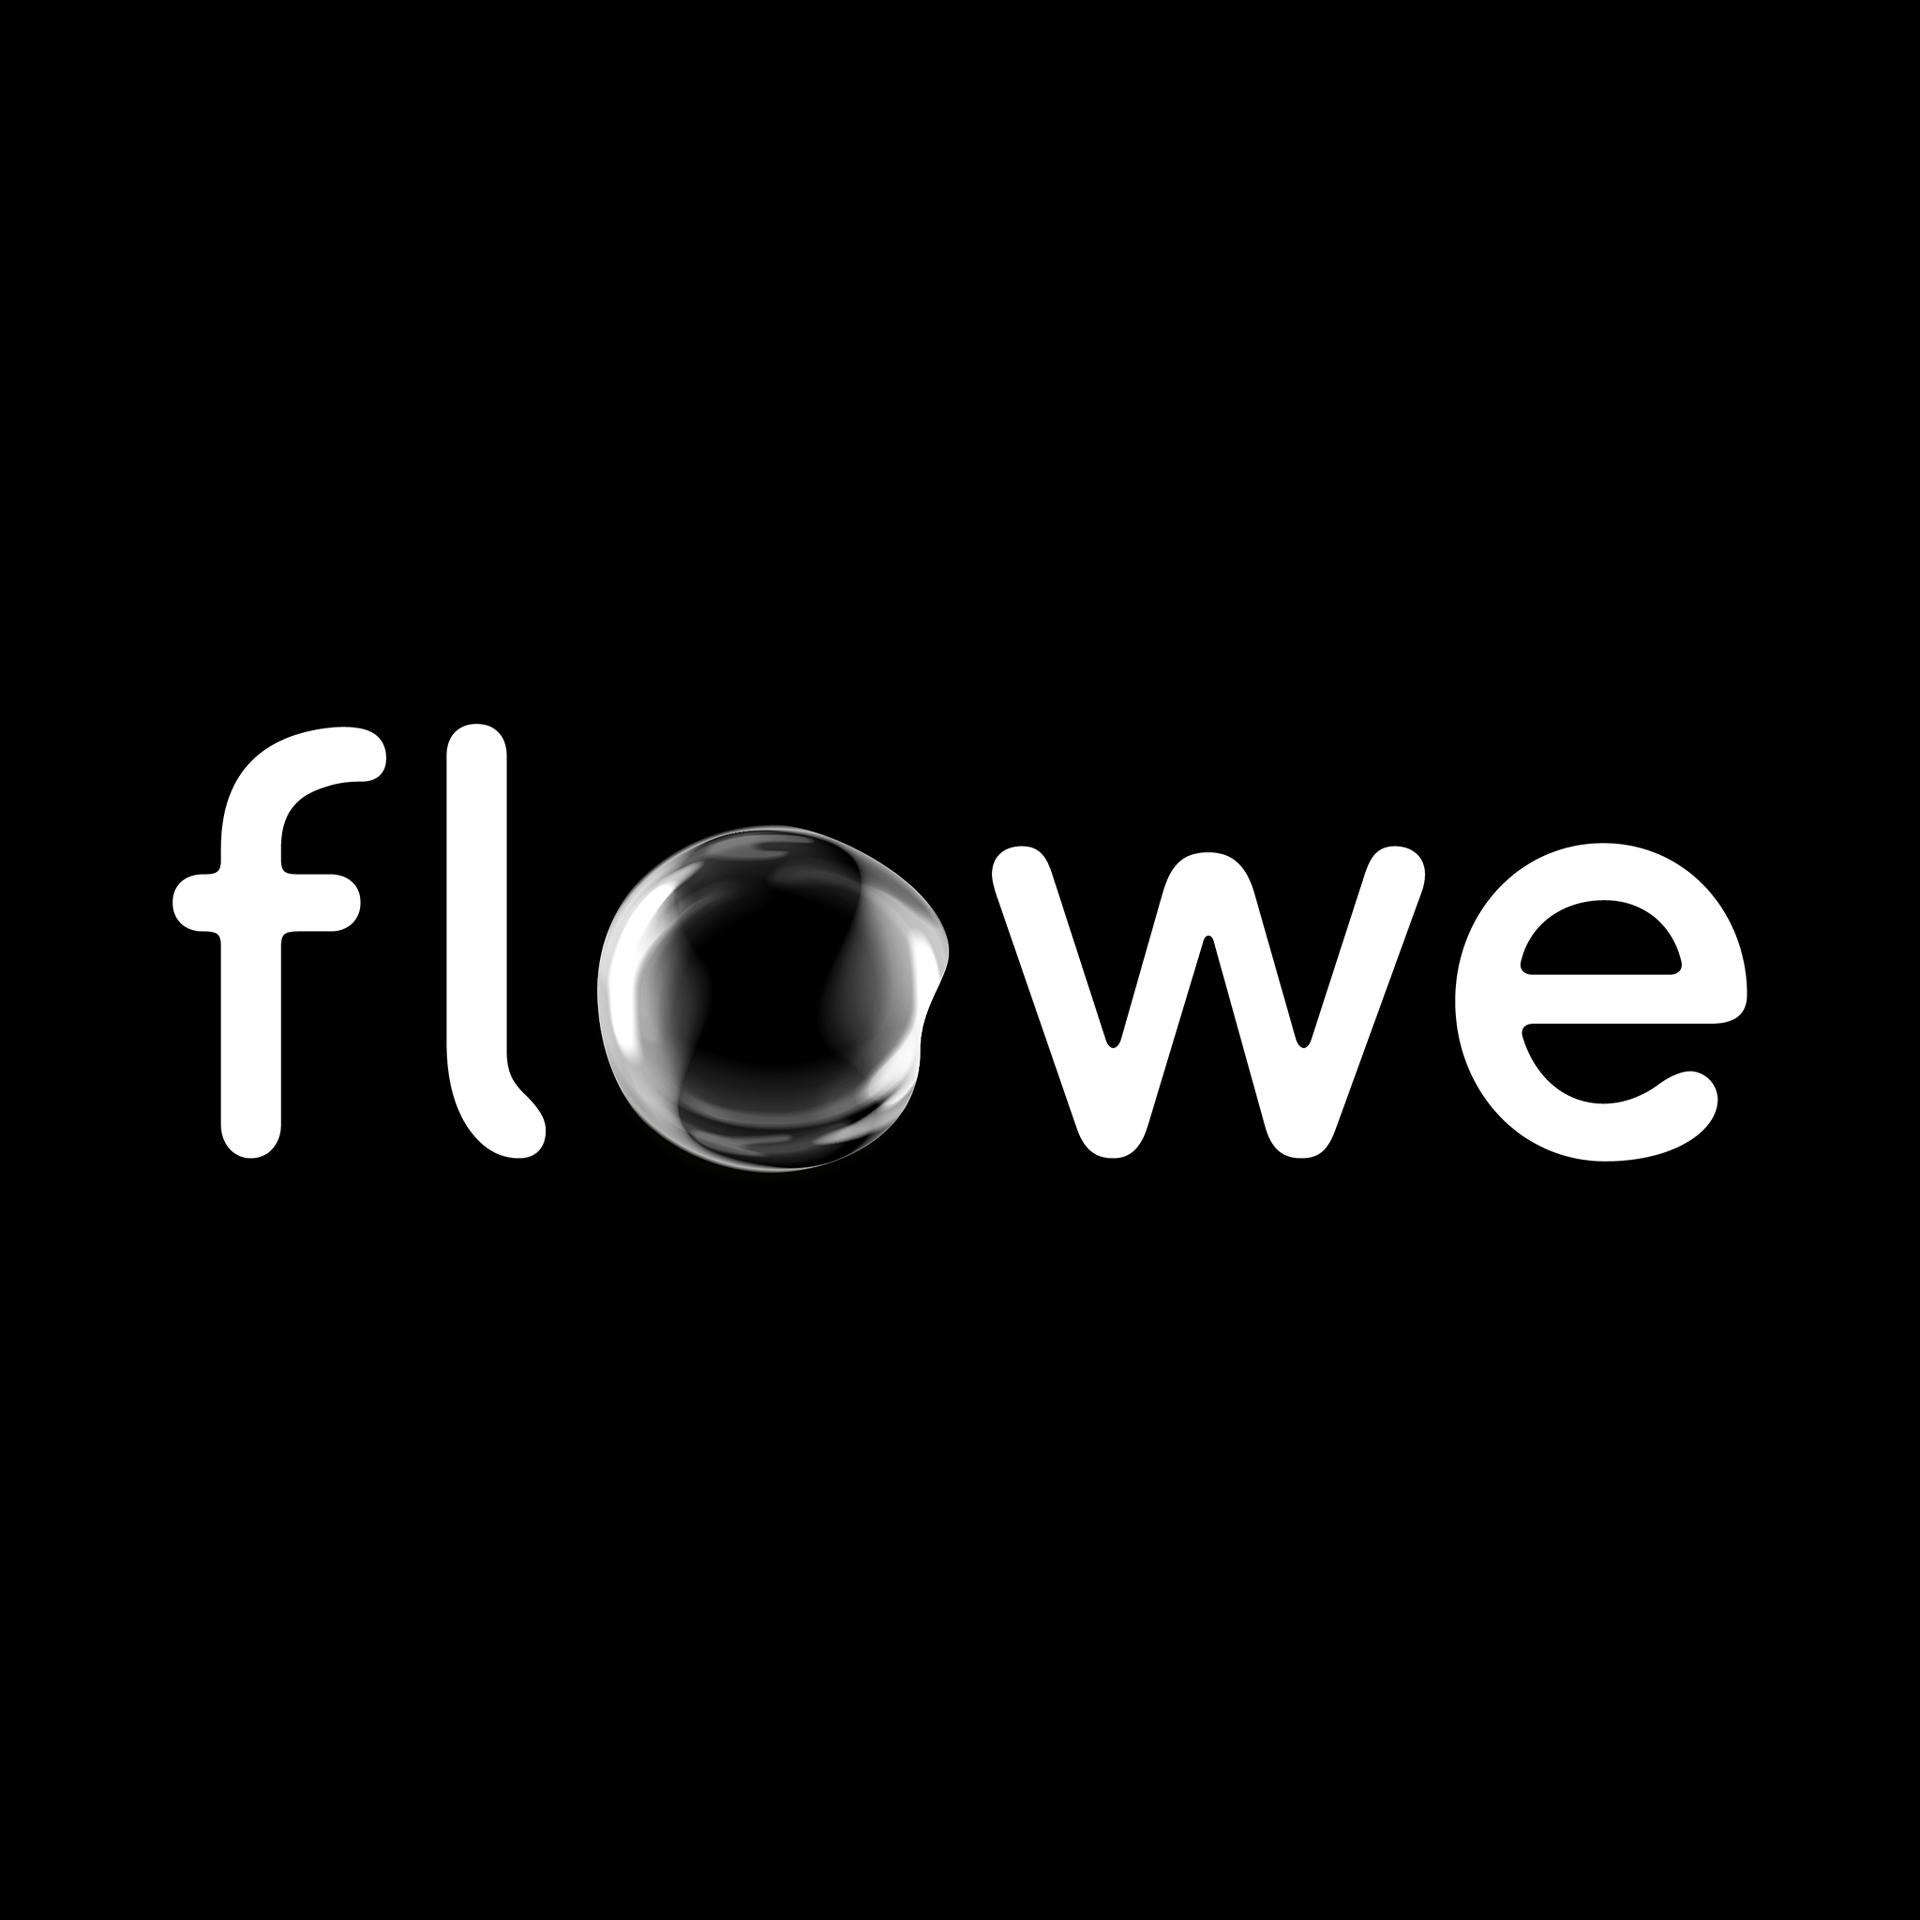 Conto Flowe